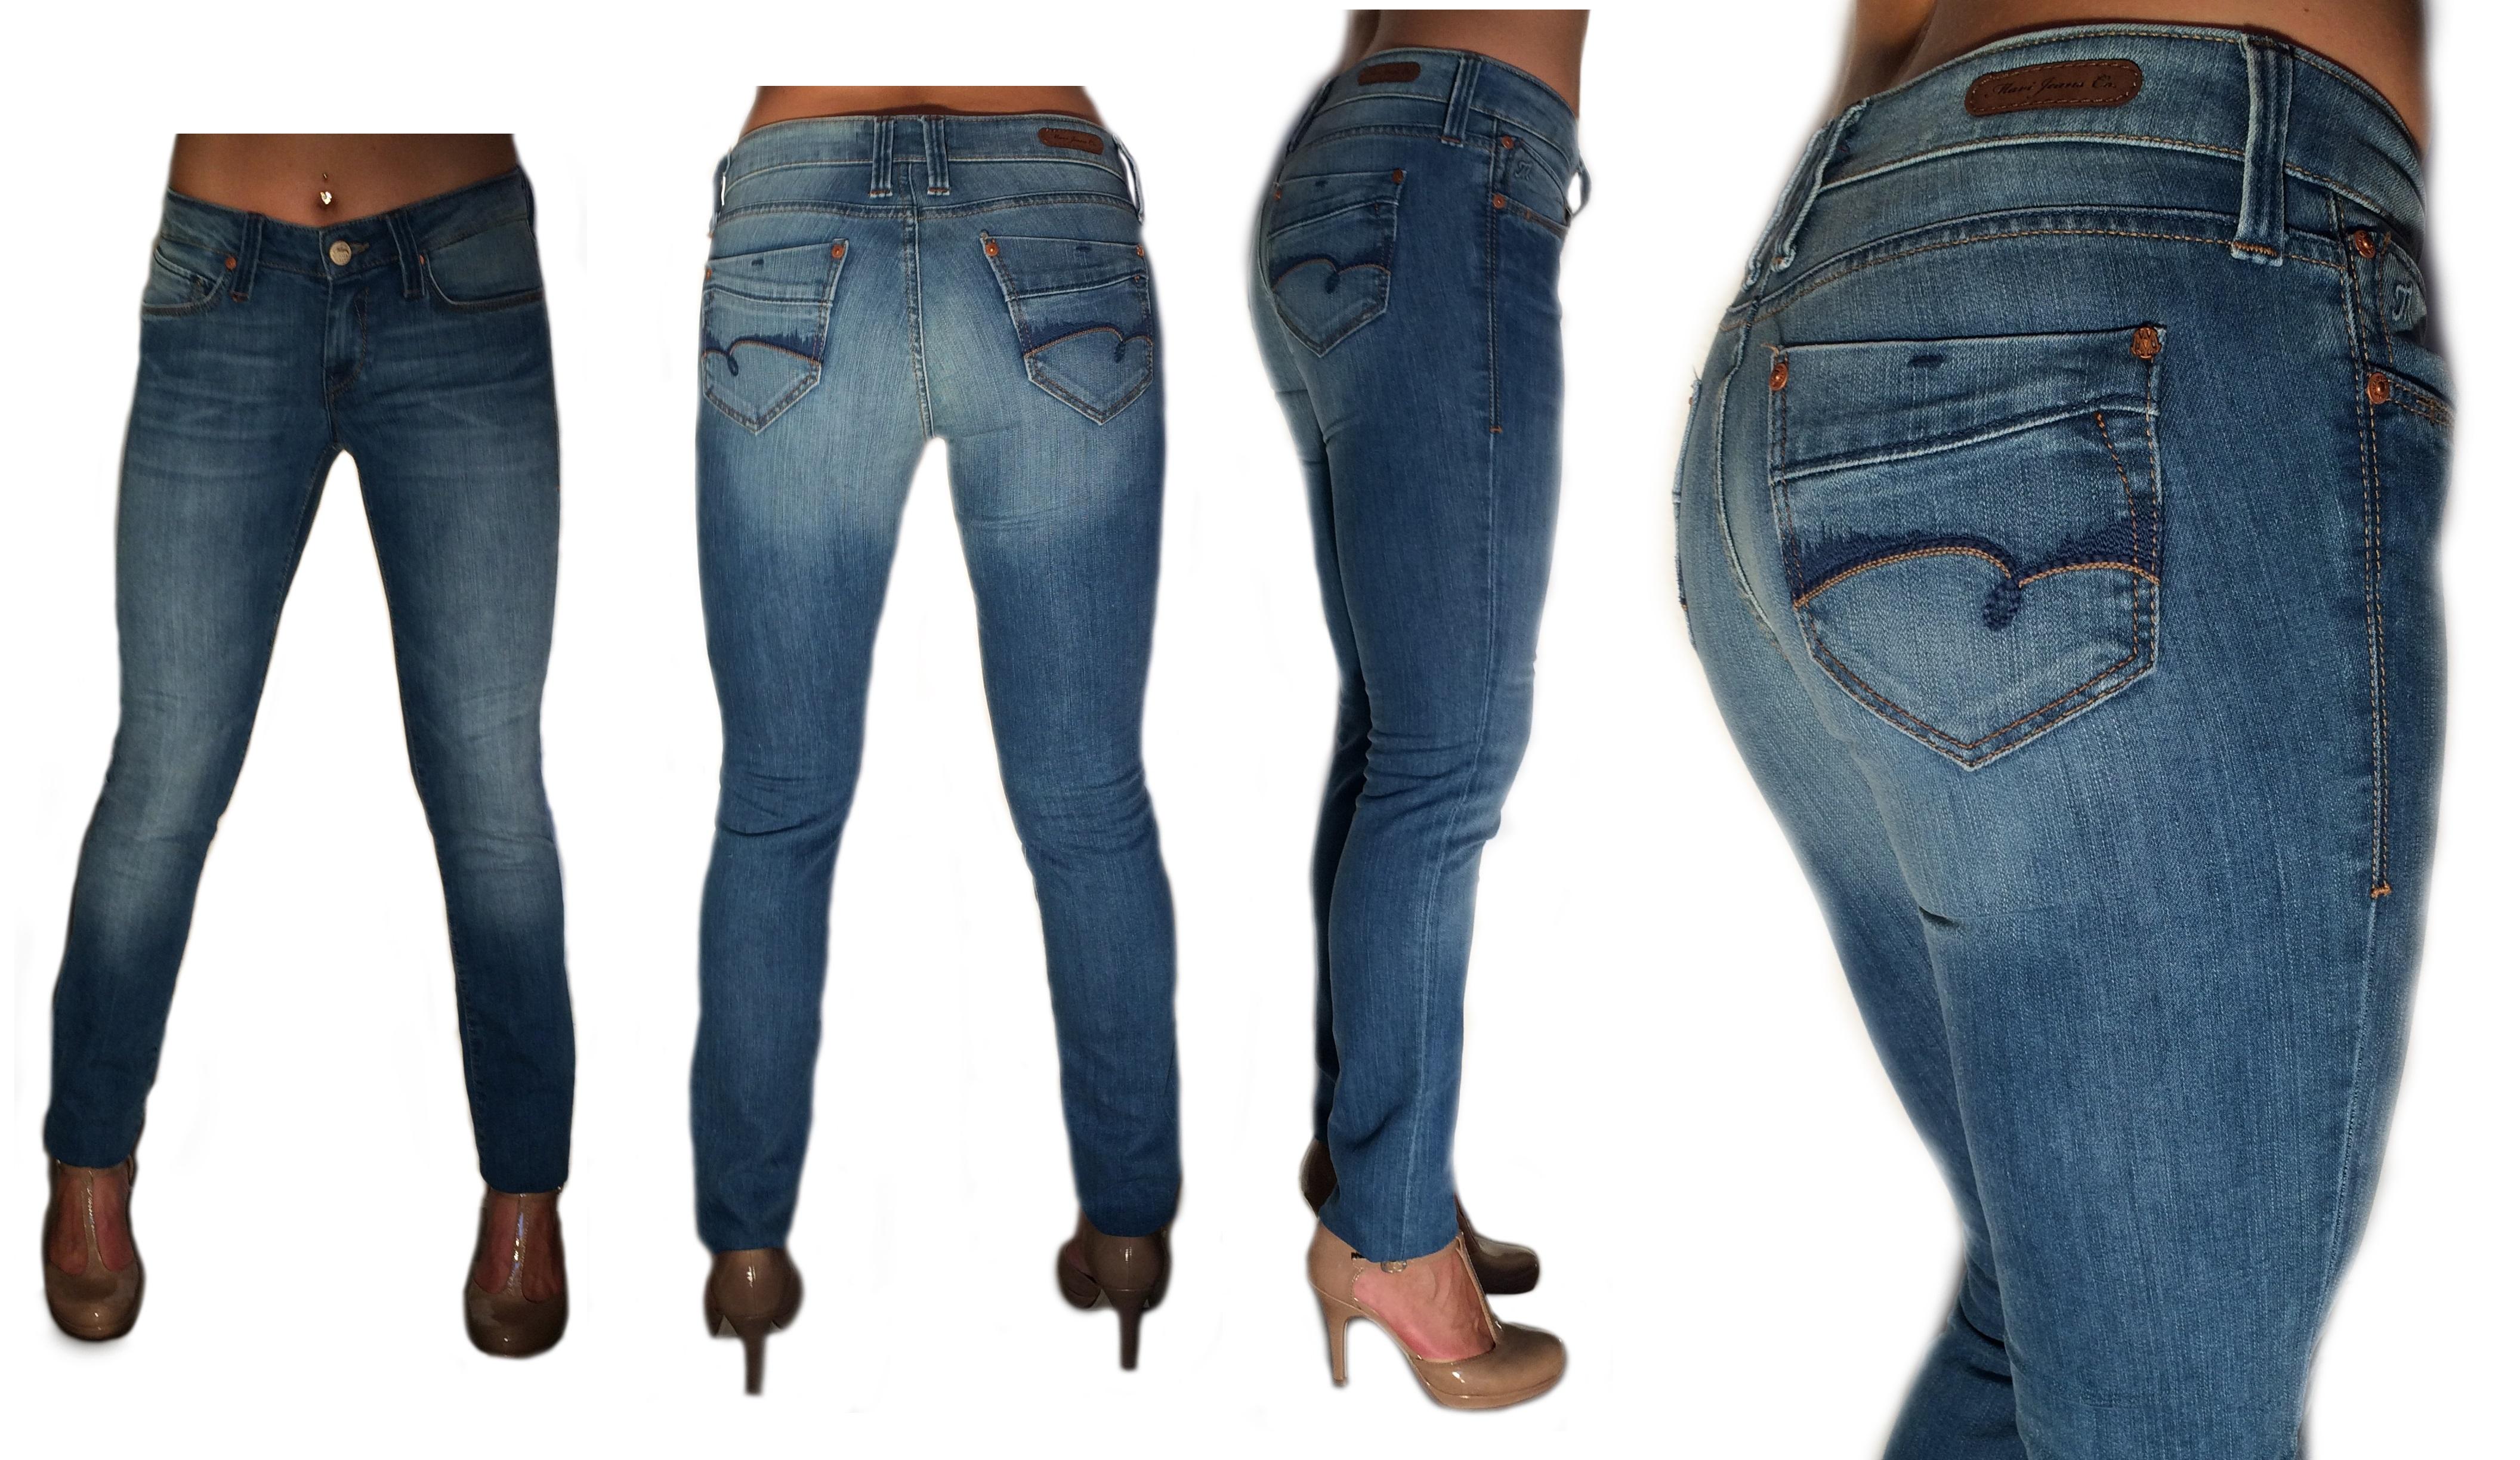 mavi damen skinny jeans lindy gr 27 32 stretch low rise. Black Bedroom Furniture Sets. Home Design Ideas